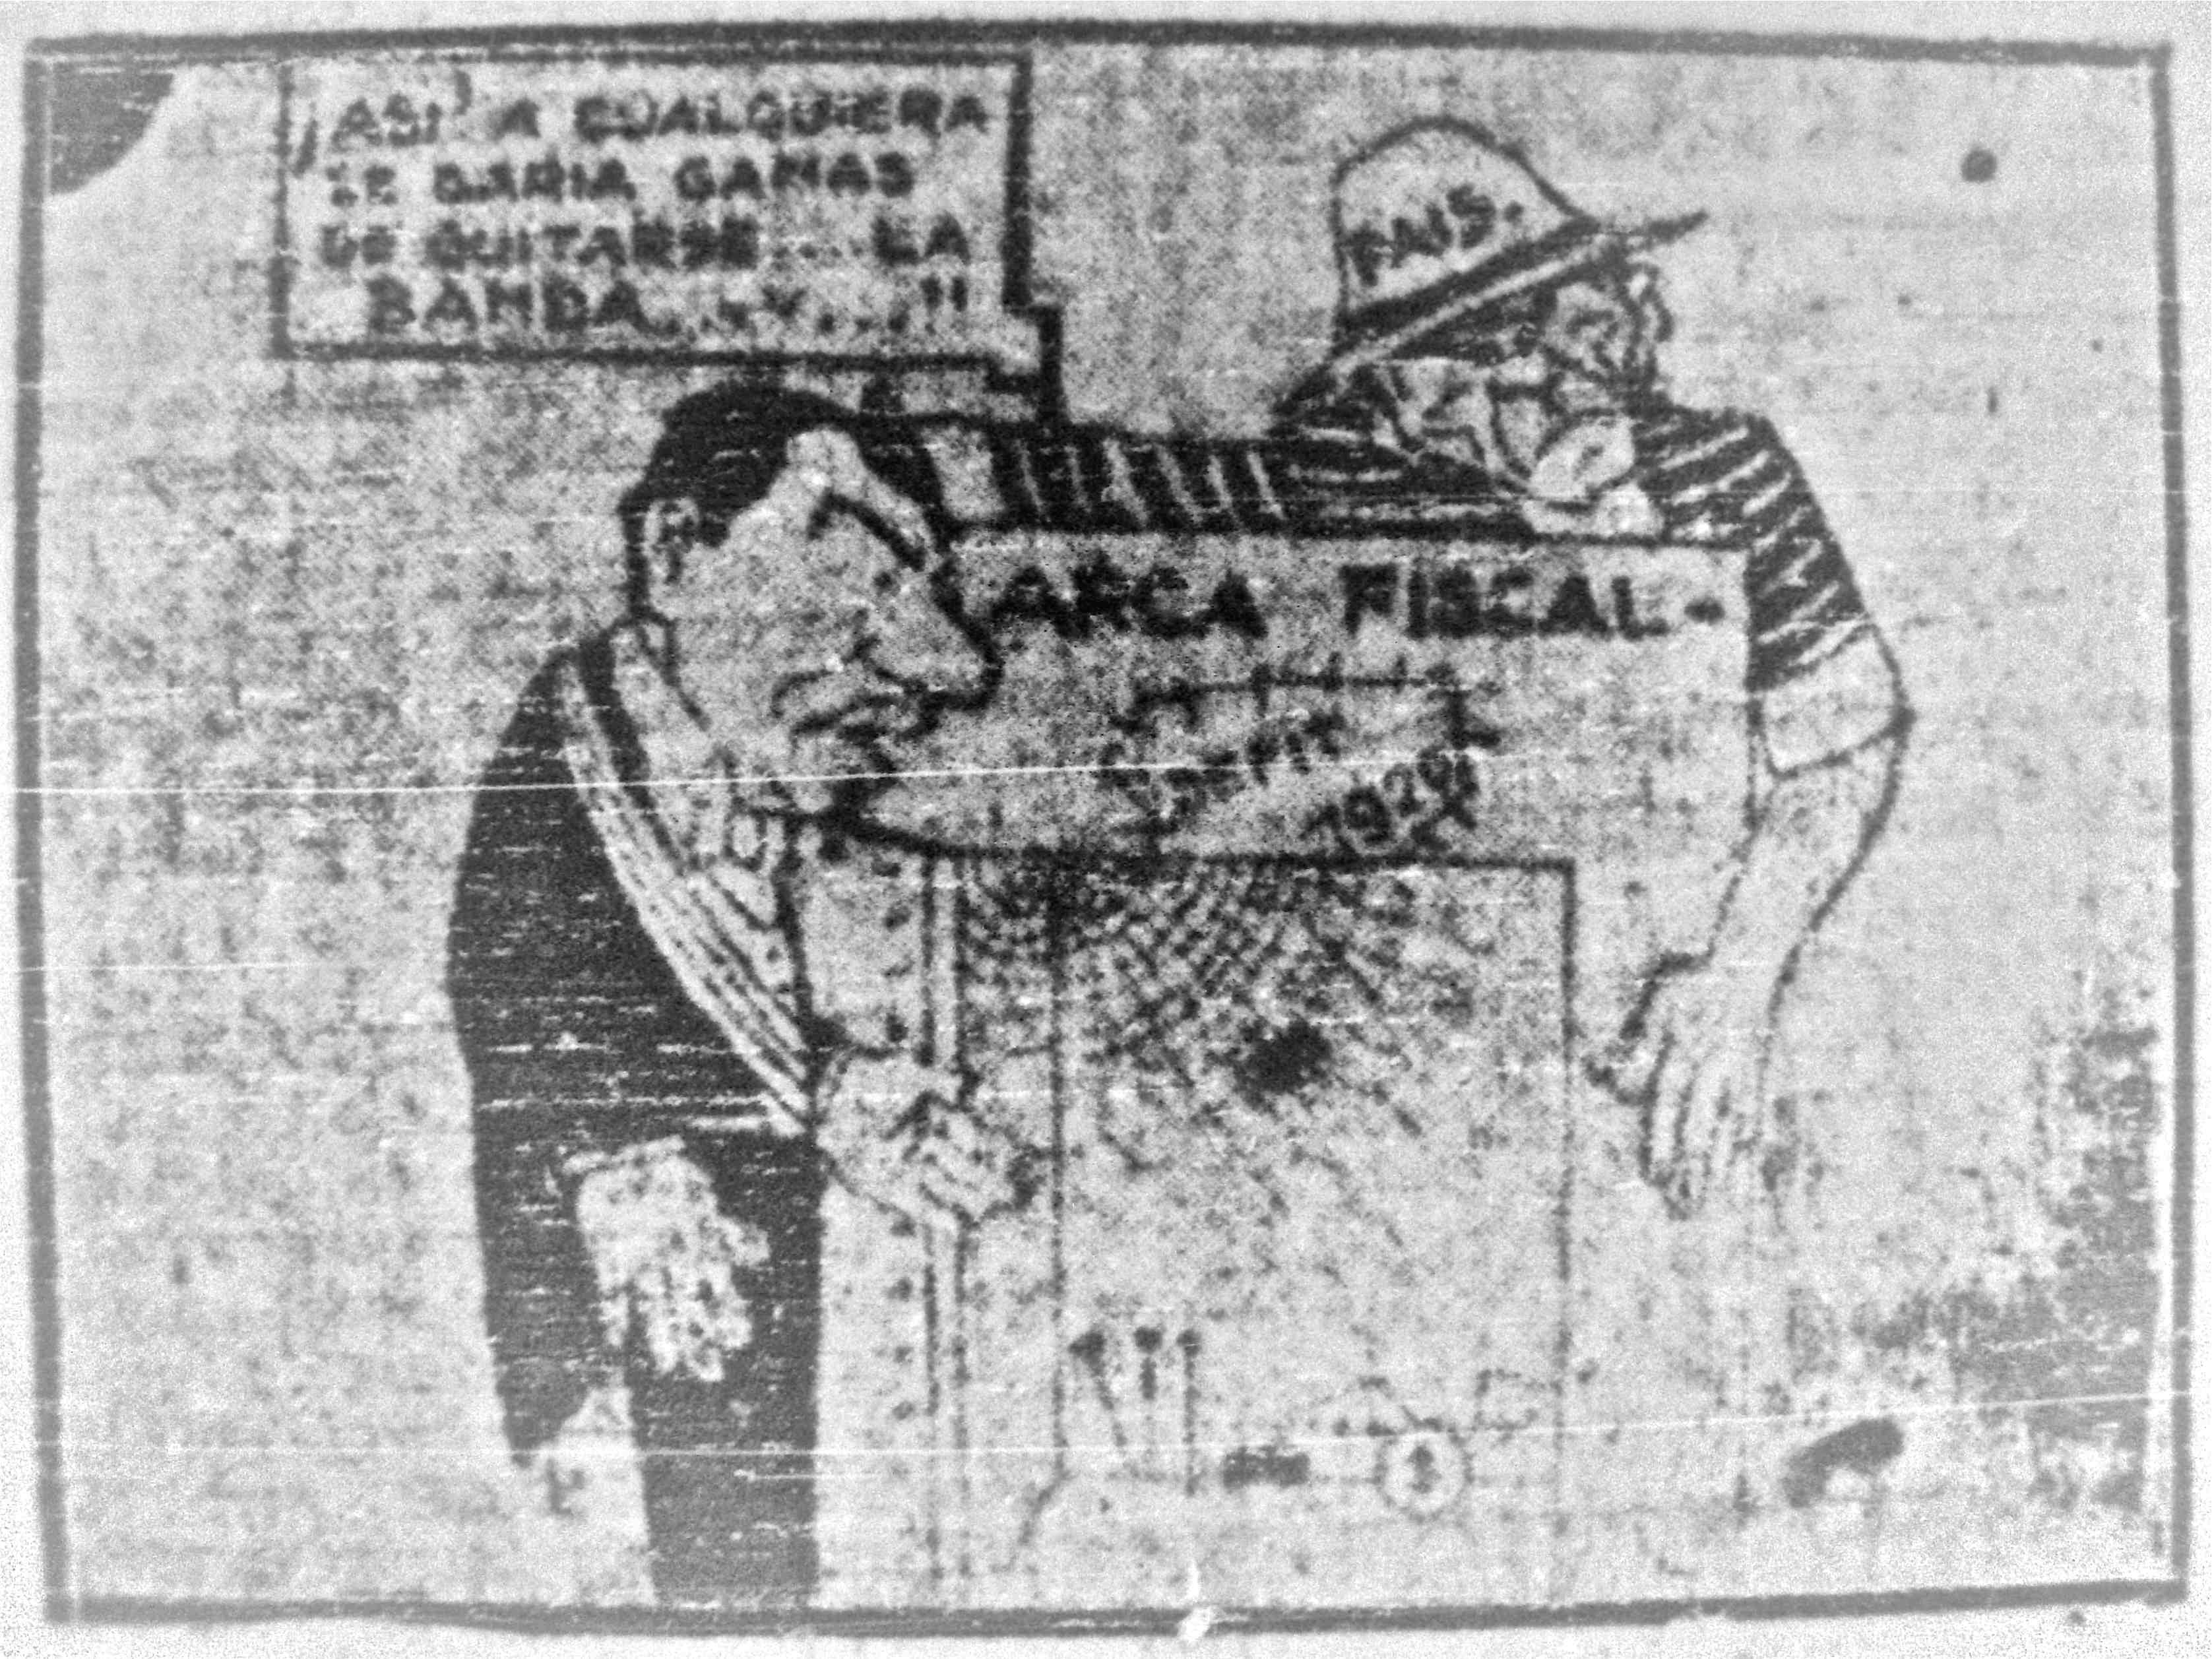 1921-08-01_LUN.Stgo; TDM_PrimeraPelicula (5foto_2de3)_25042013.jpg